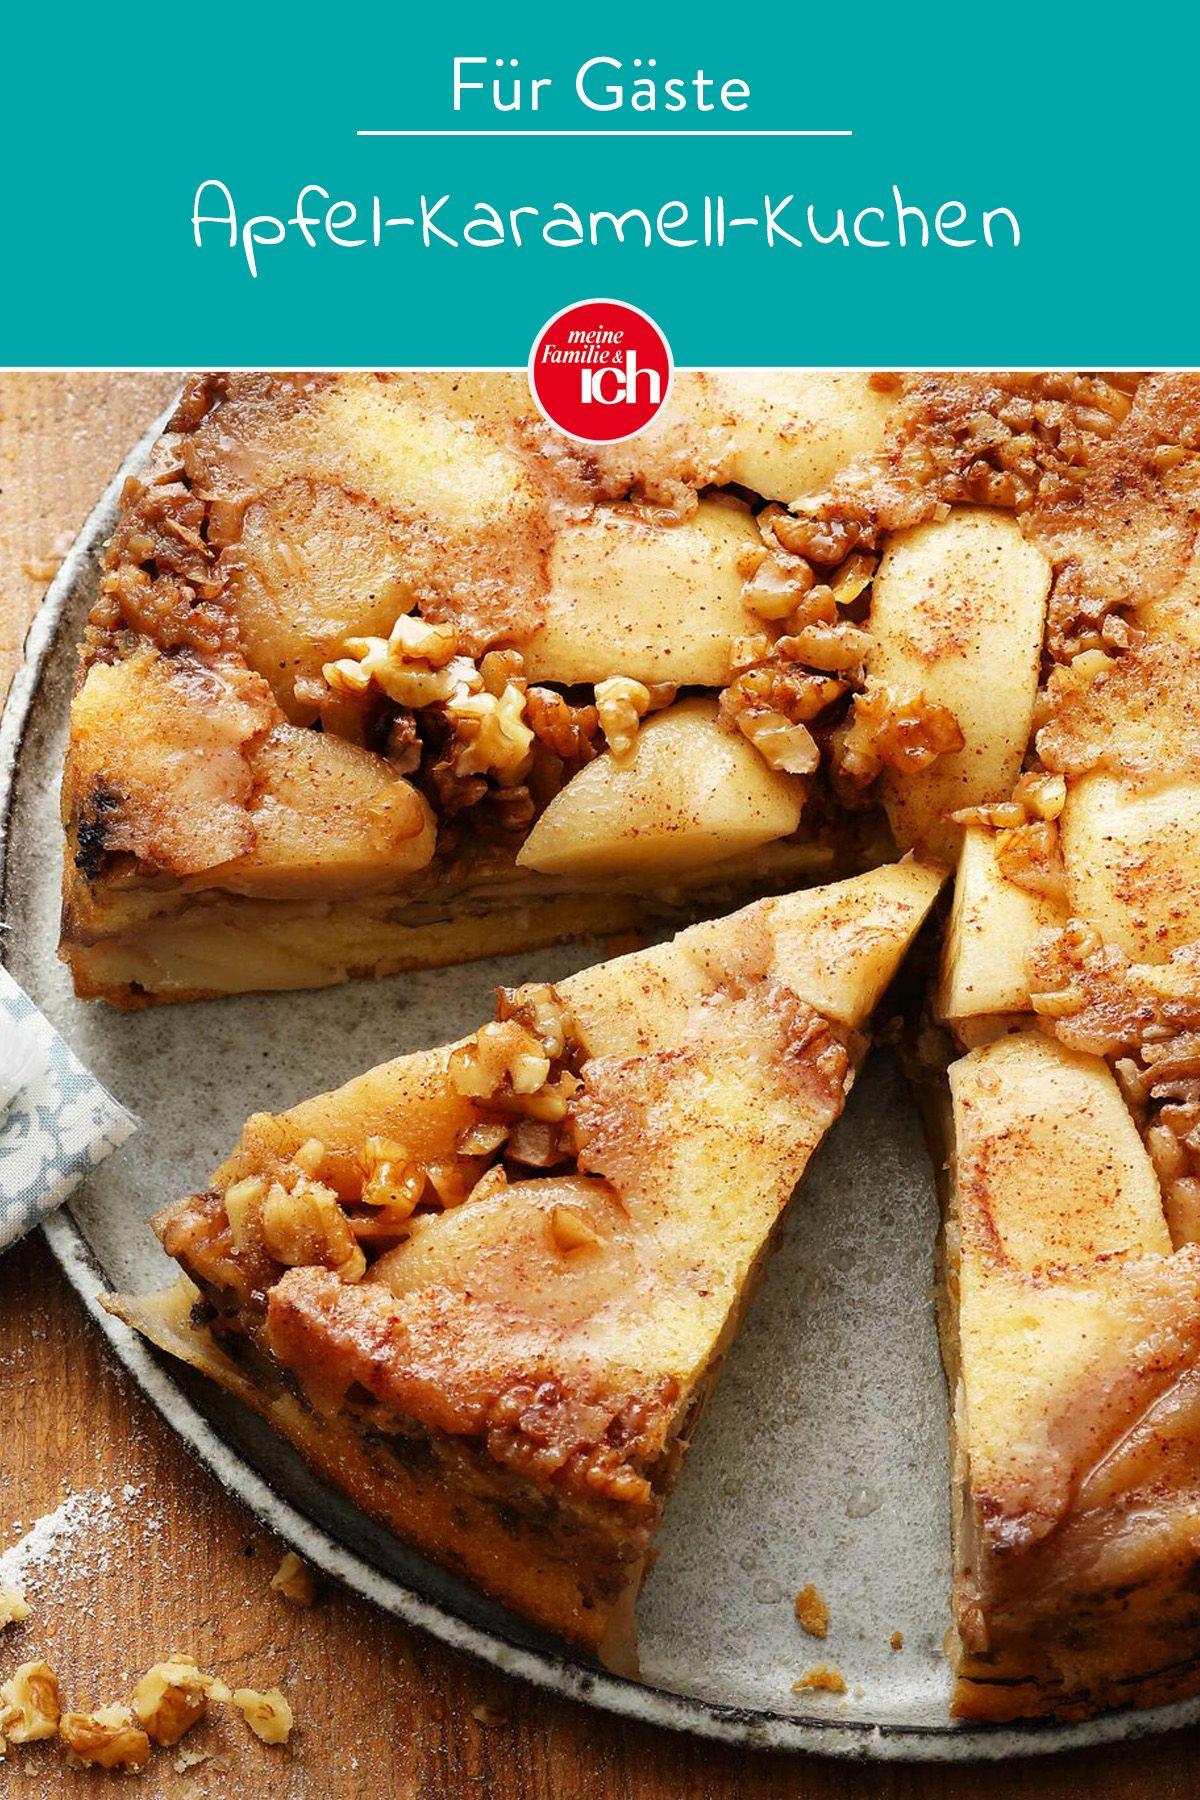 Apfel-Karamell-Kuchen - lecker mit Walnüssen